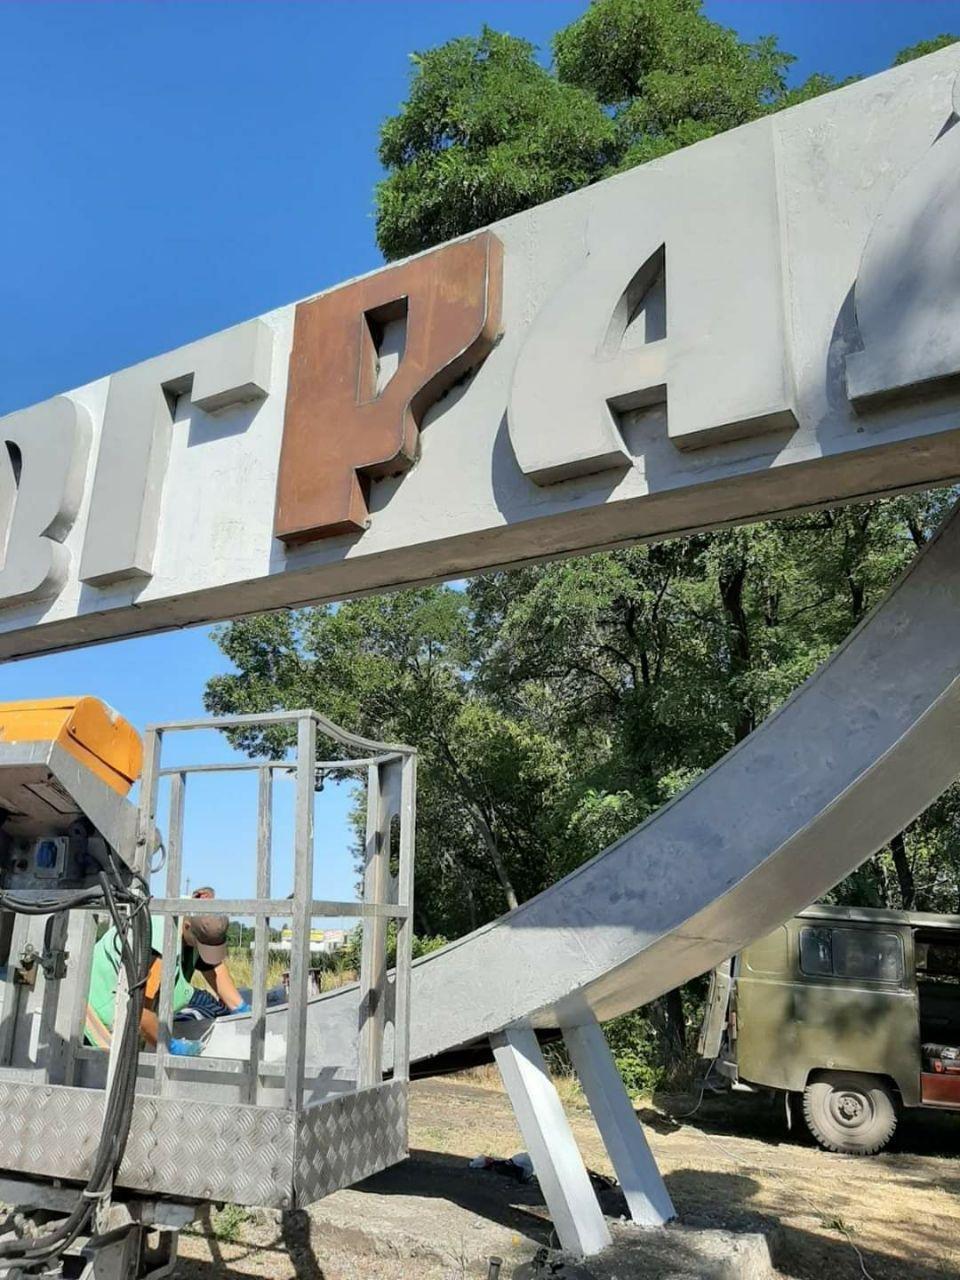 На въезде в Павлоград восстановили надпись названия города, поврежденную вандалами, фото-2